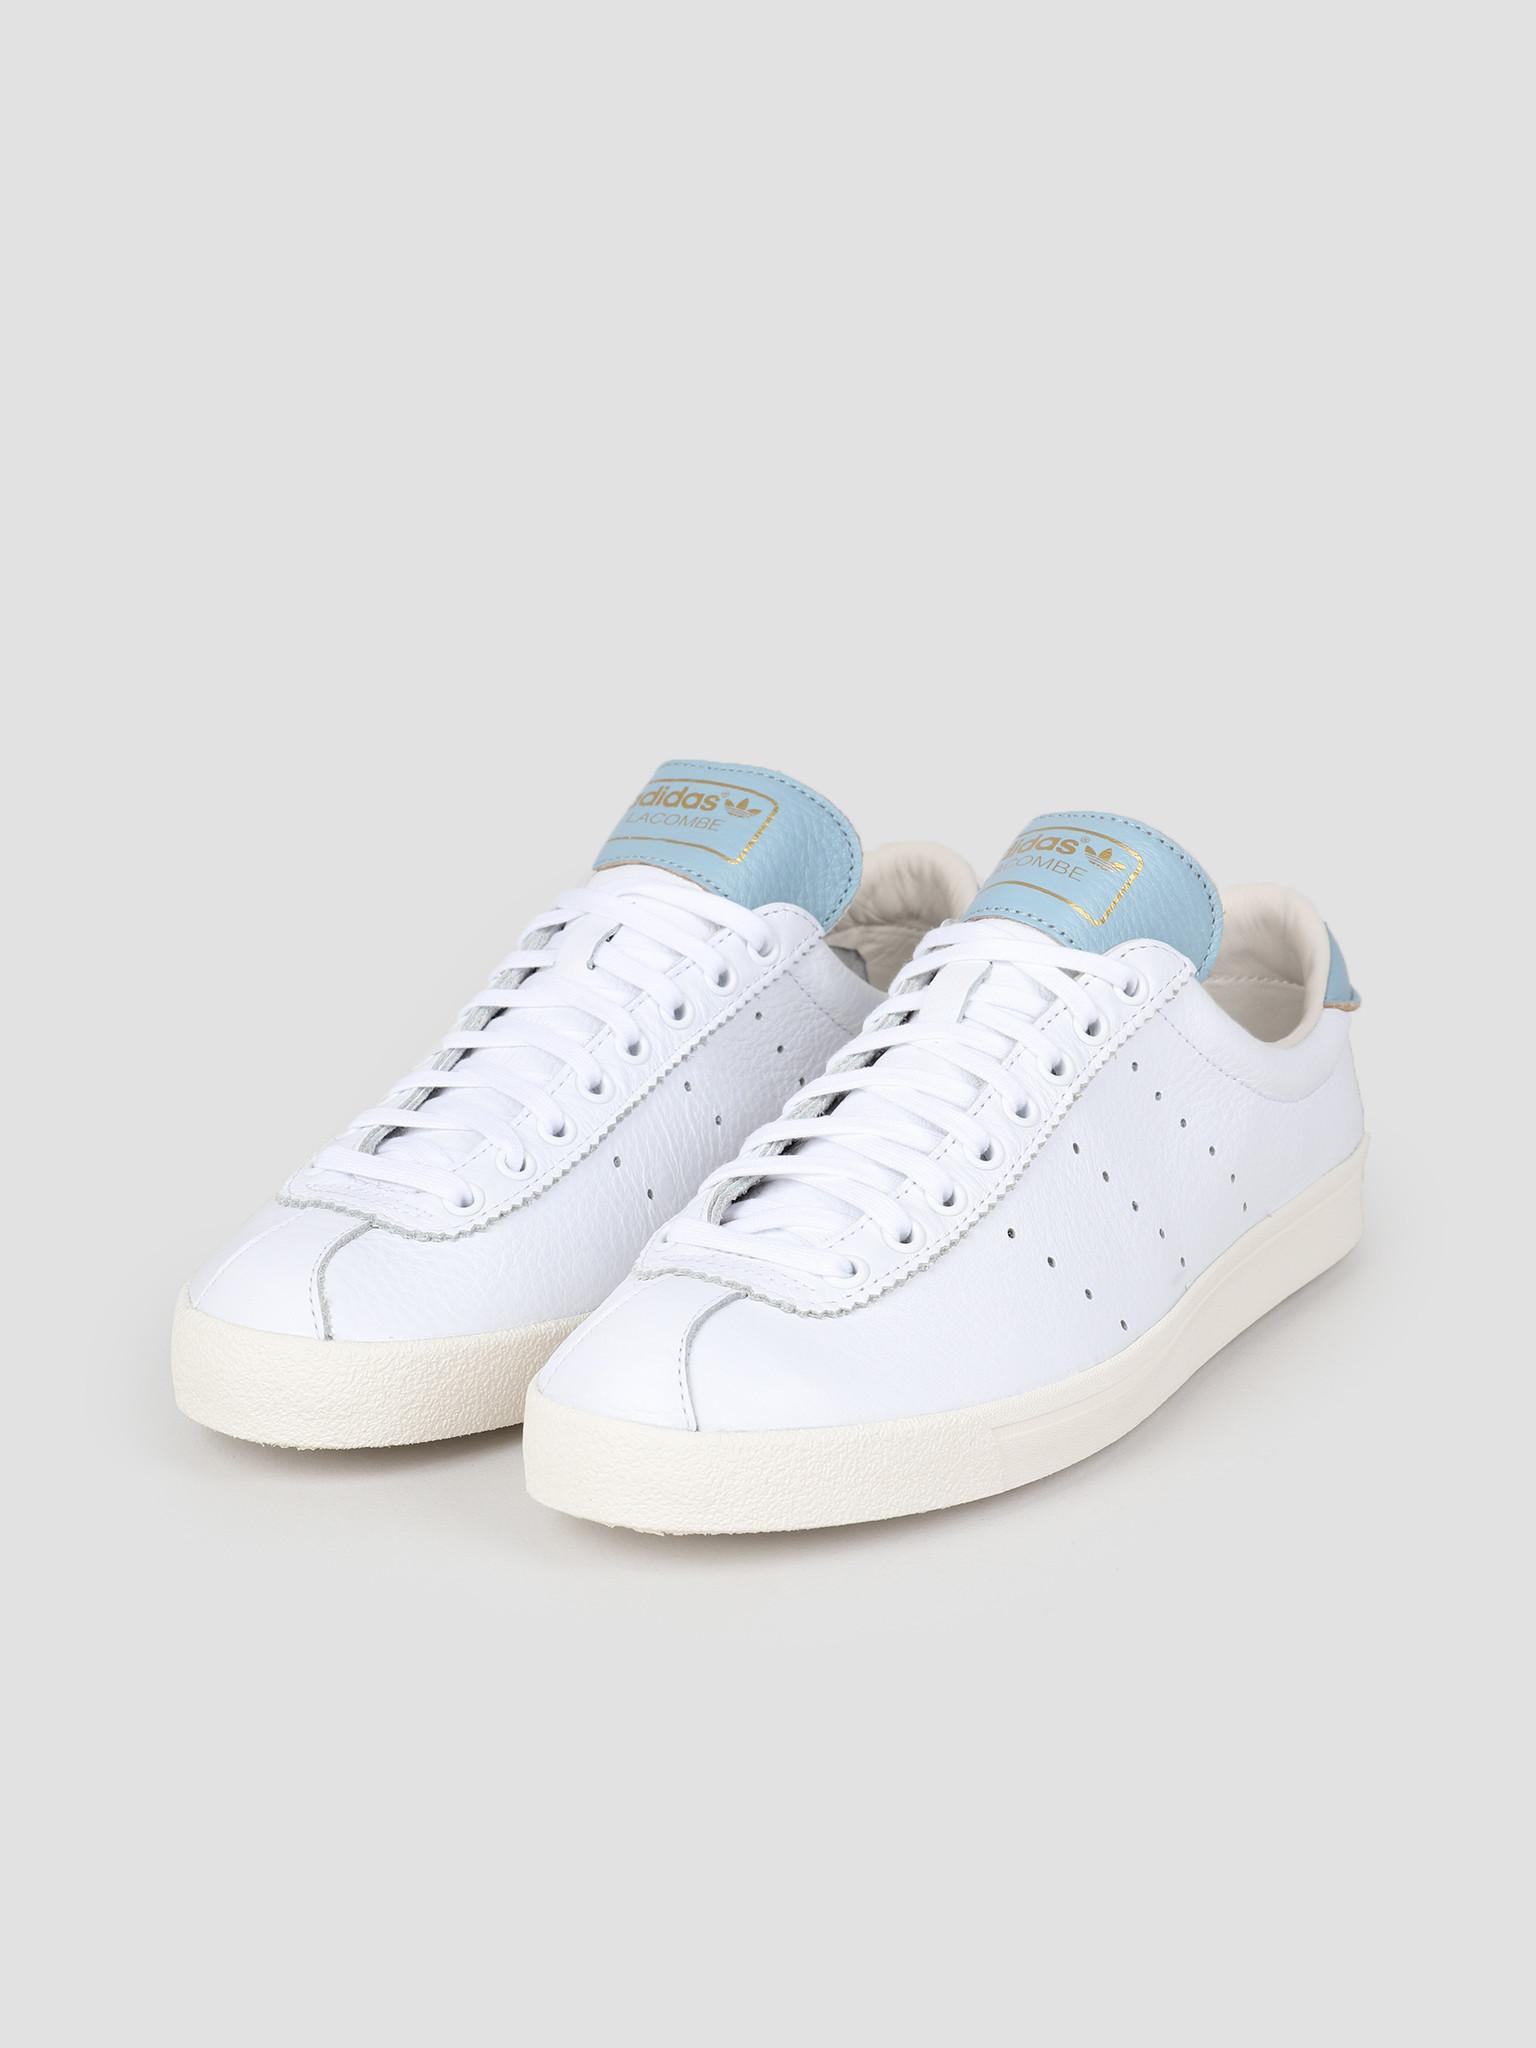 adidas adidas Lacombe Ftwwht Ashgre Owhite BD7609